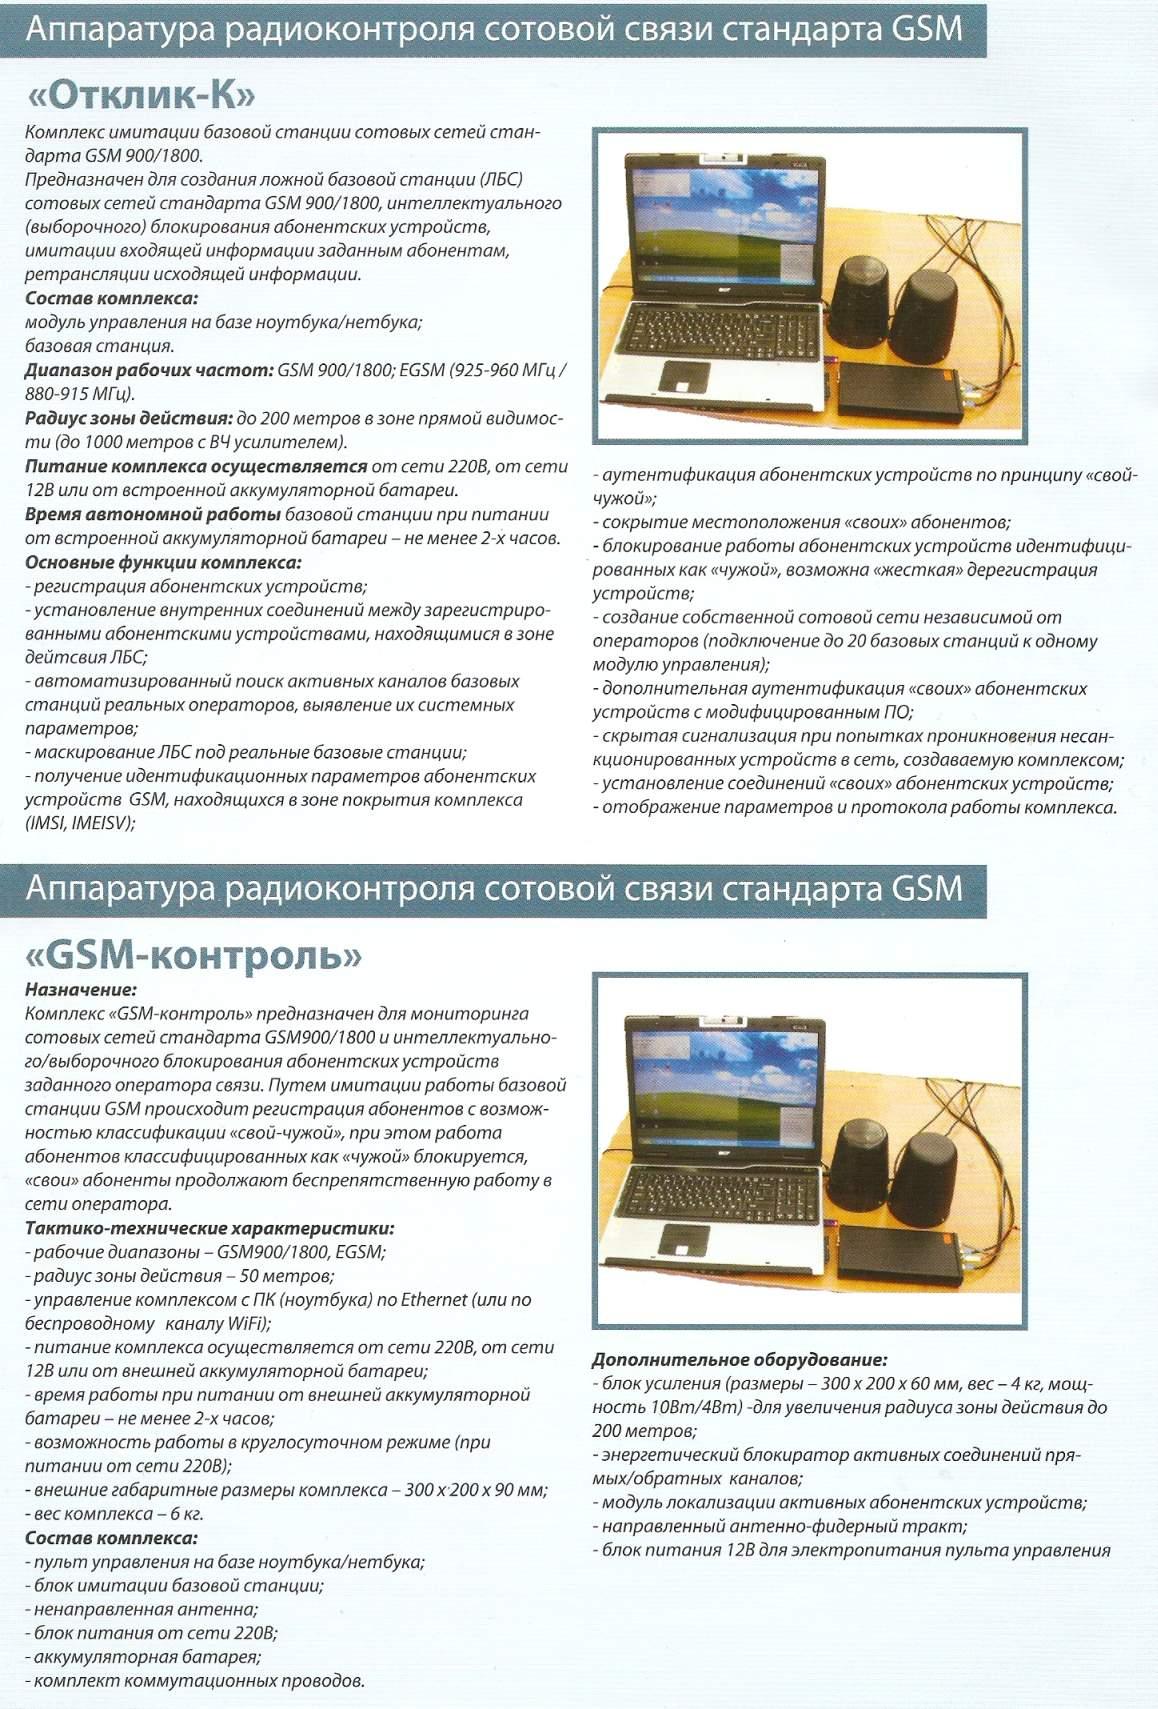 устройство для перехвата gsm